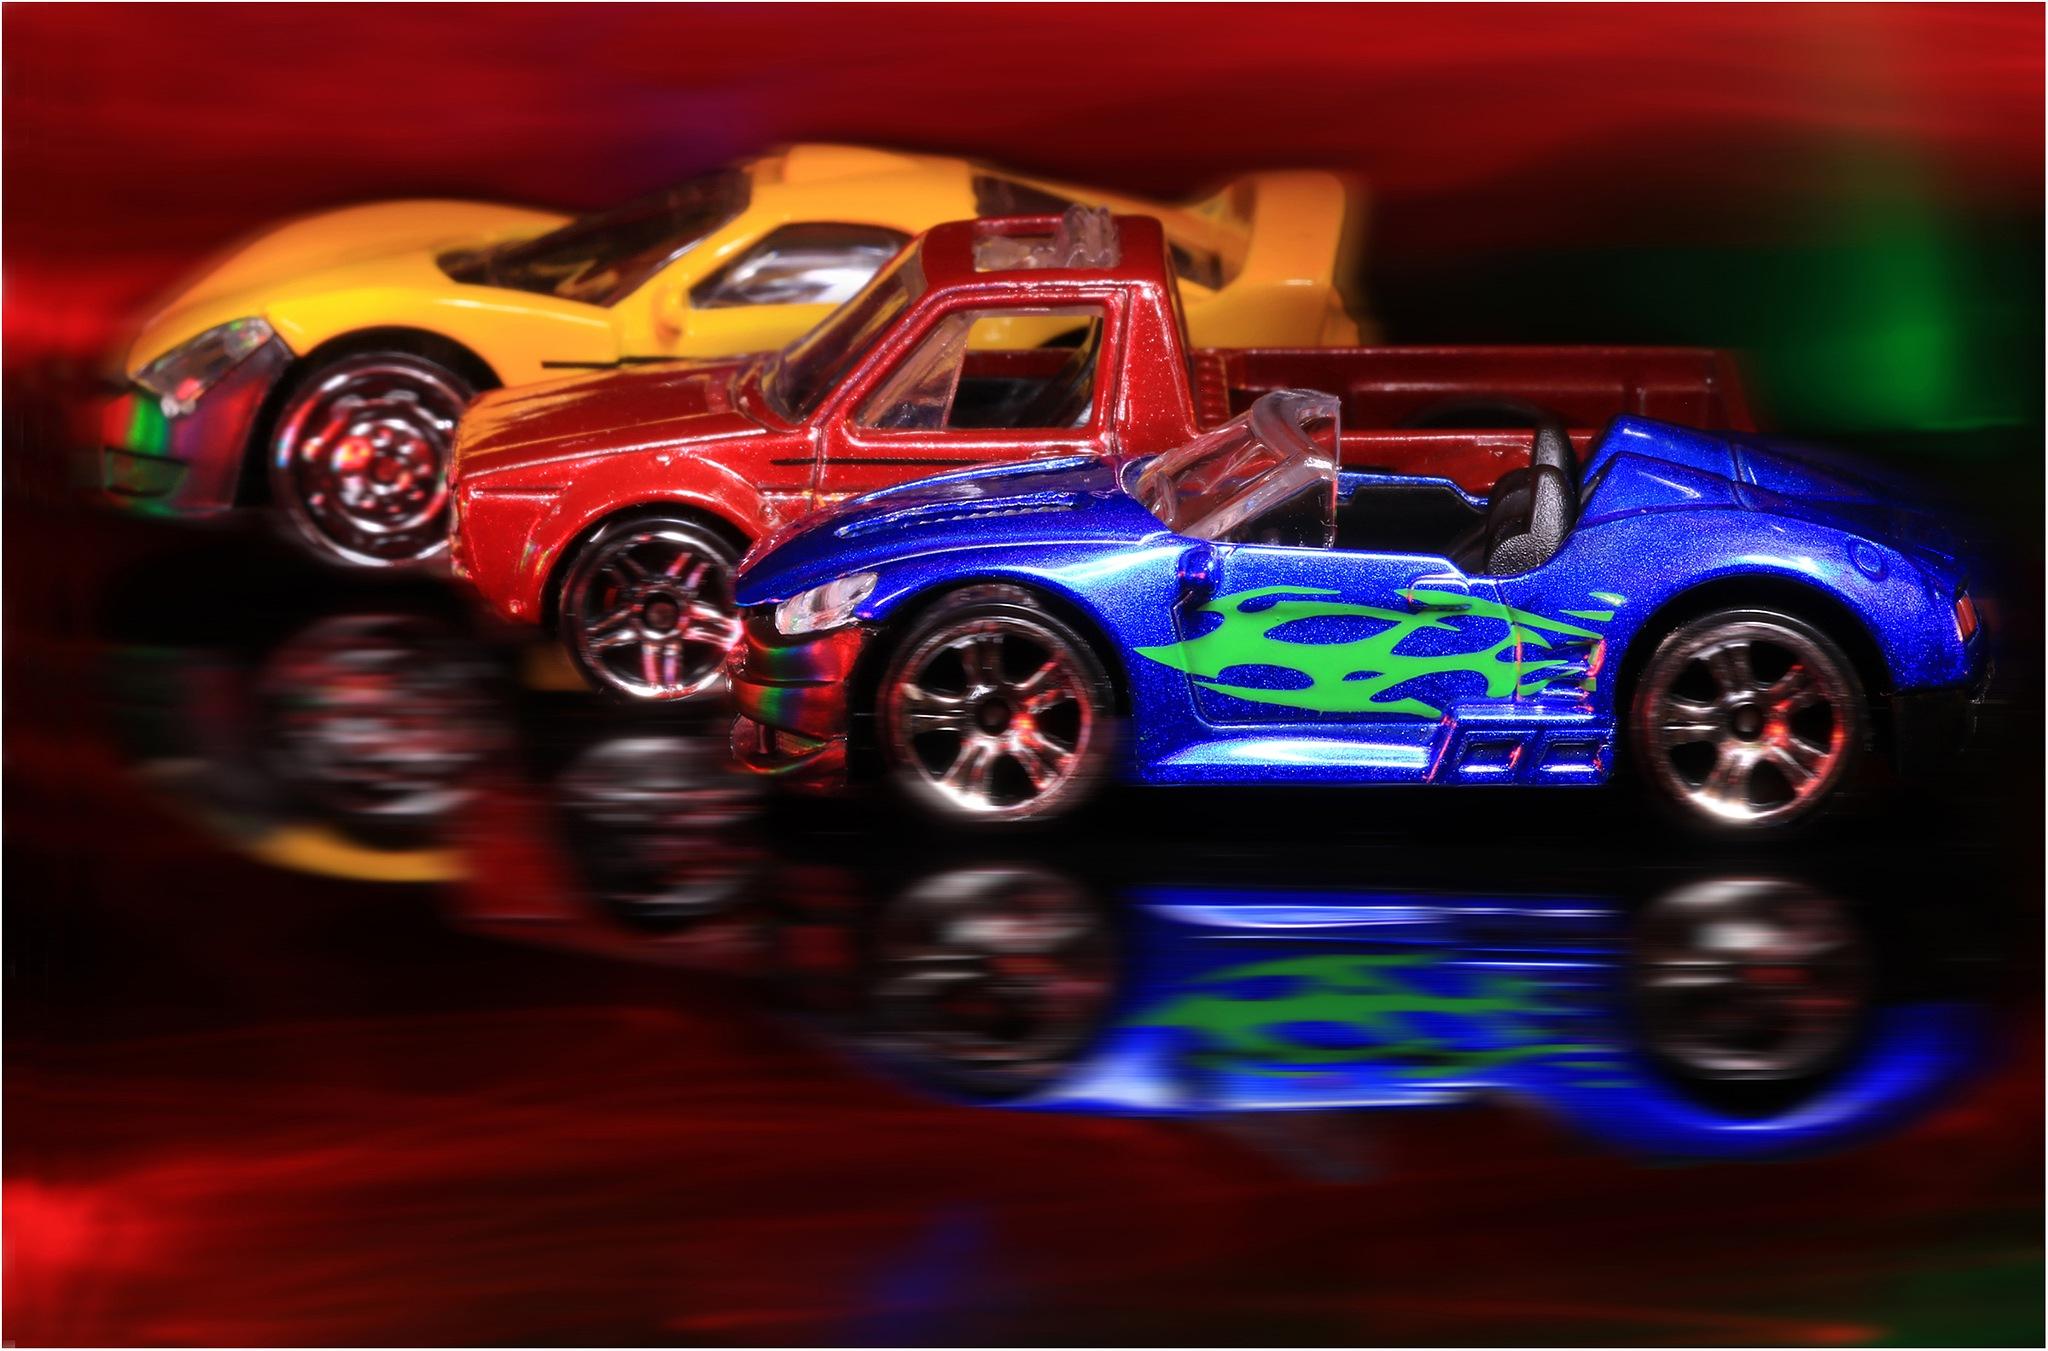 speedsters by Michael Germishuys